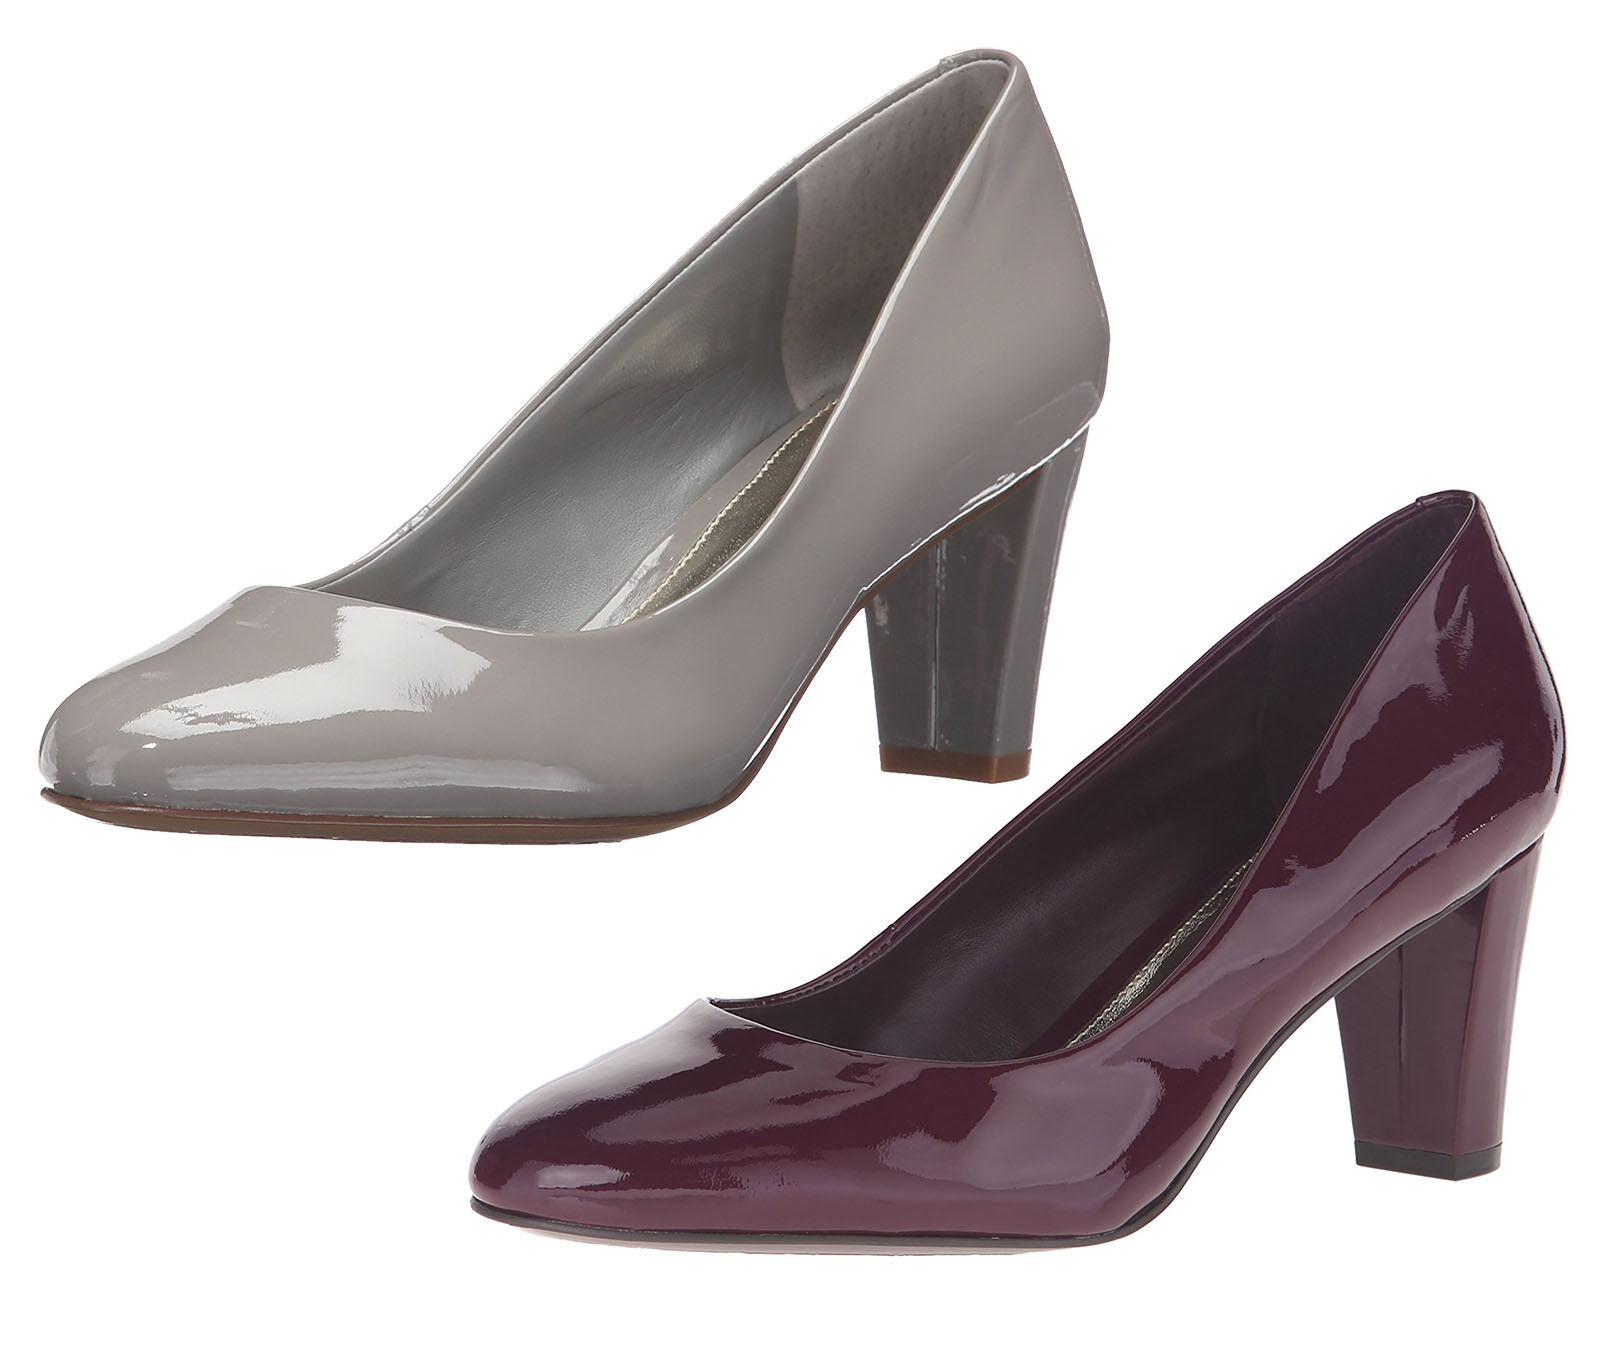 Ralph Lauren femme Hala Pierre bordeaux en cuir bout fermé femme chaussures pompe